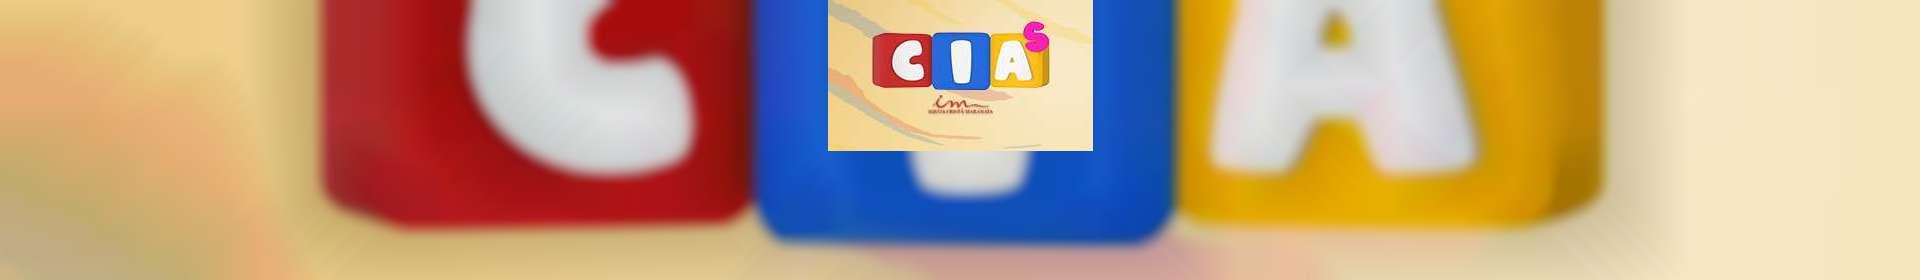 Aula de CIAS: classe de 11 a 15 anos - 02 de julho de 2020